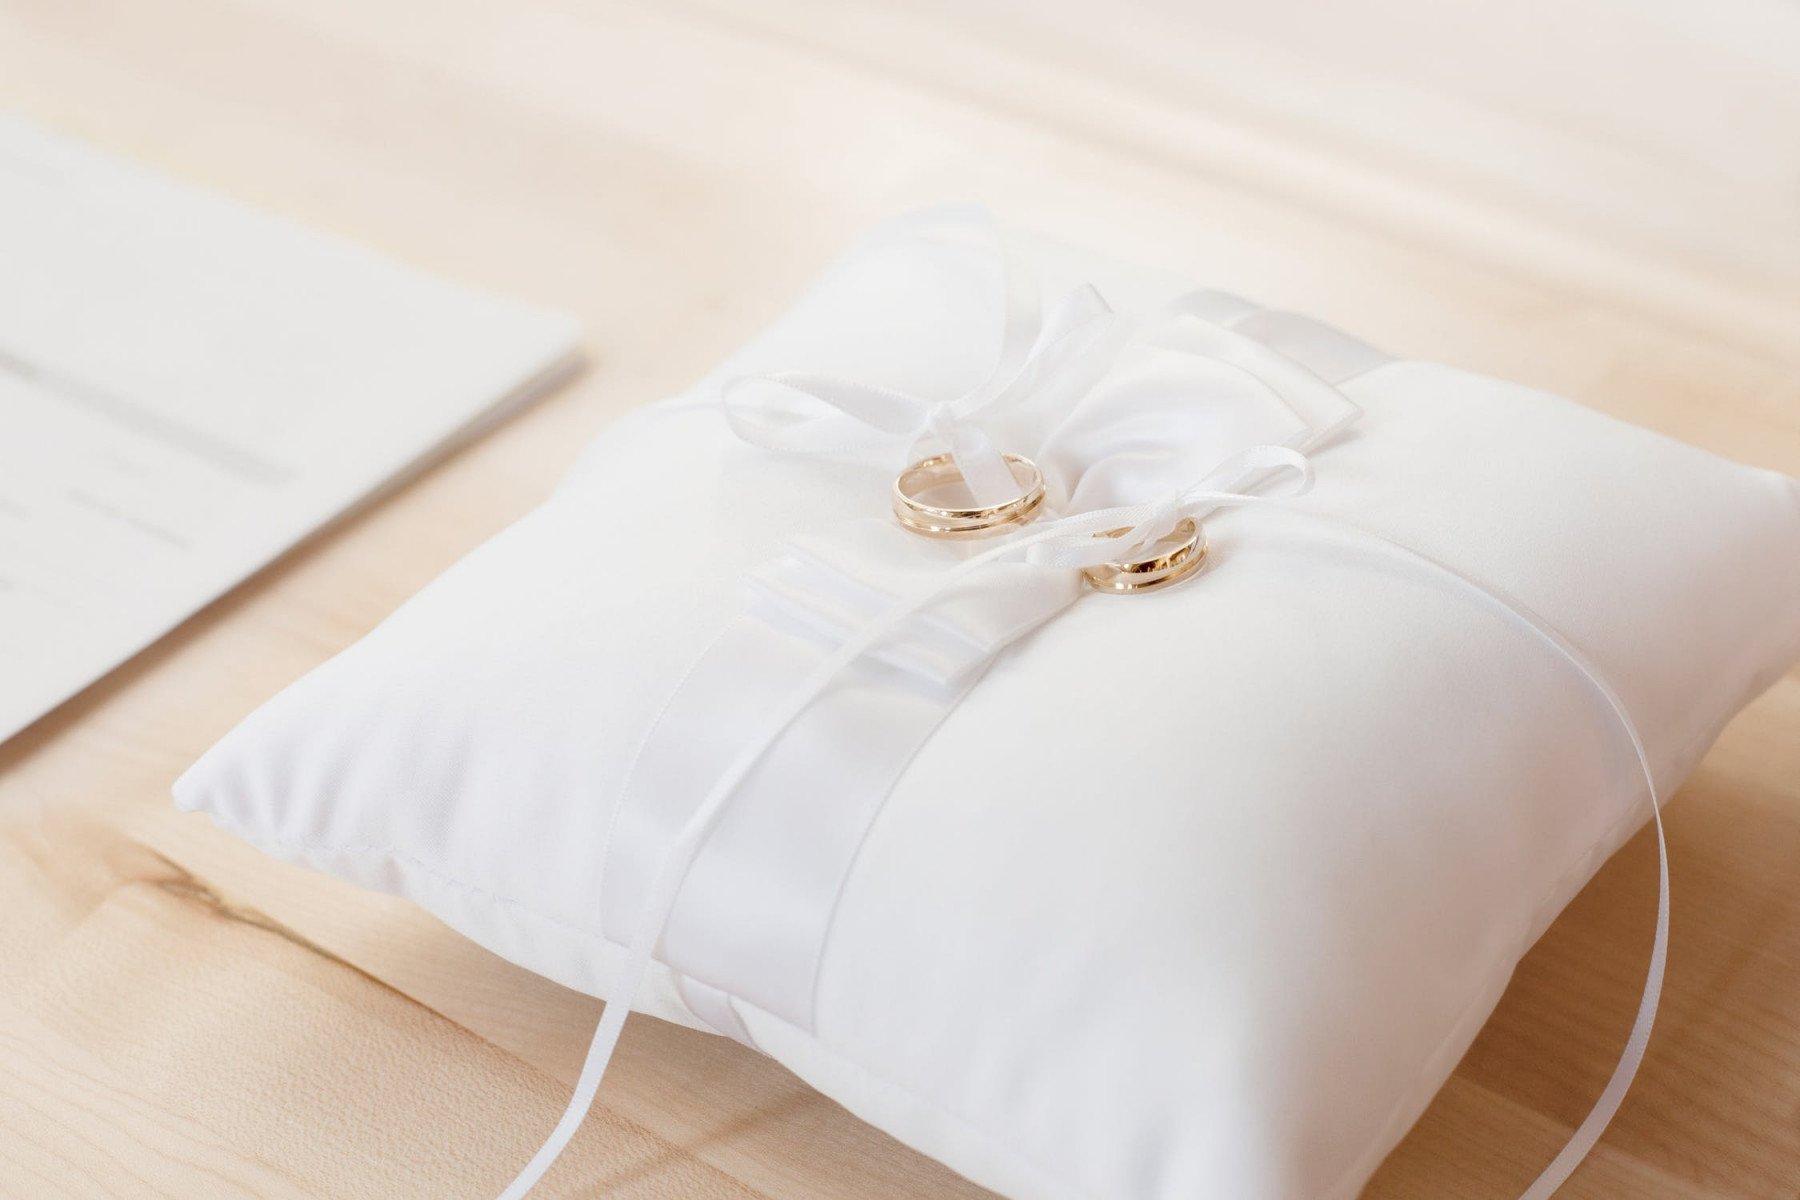 Vit kudde med två vigselringar och knutet vitt band